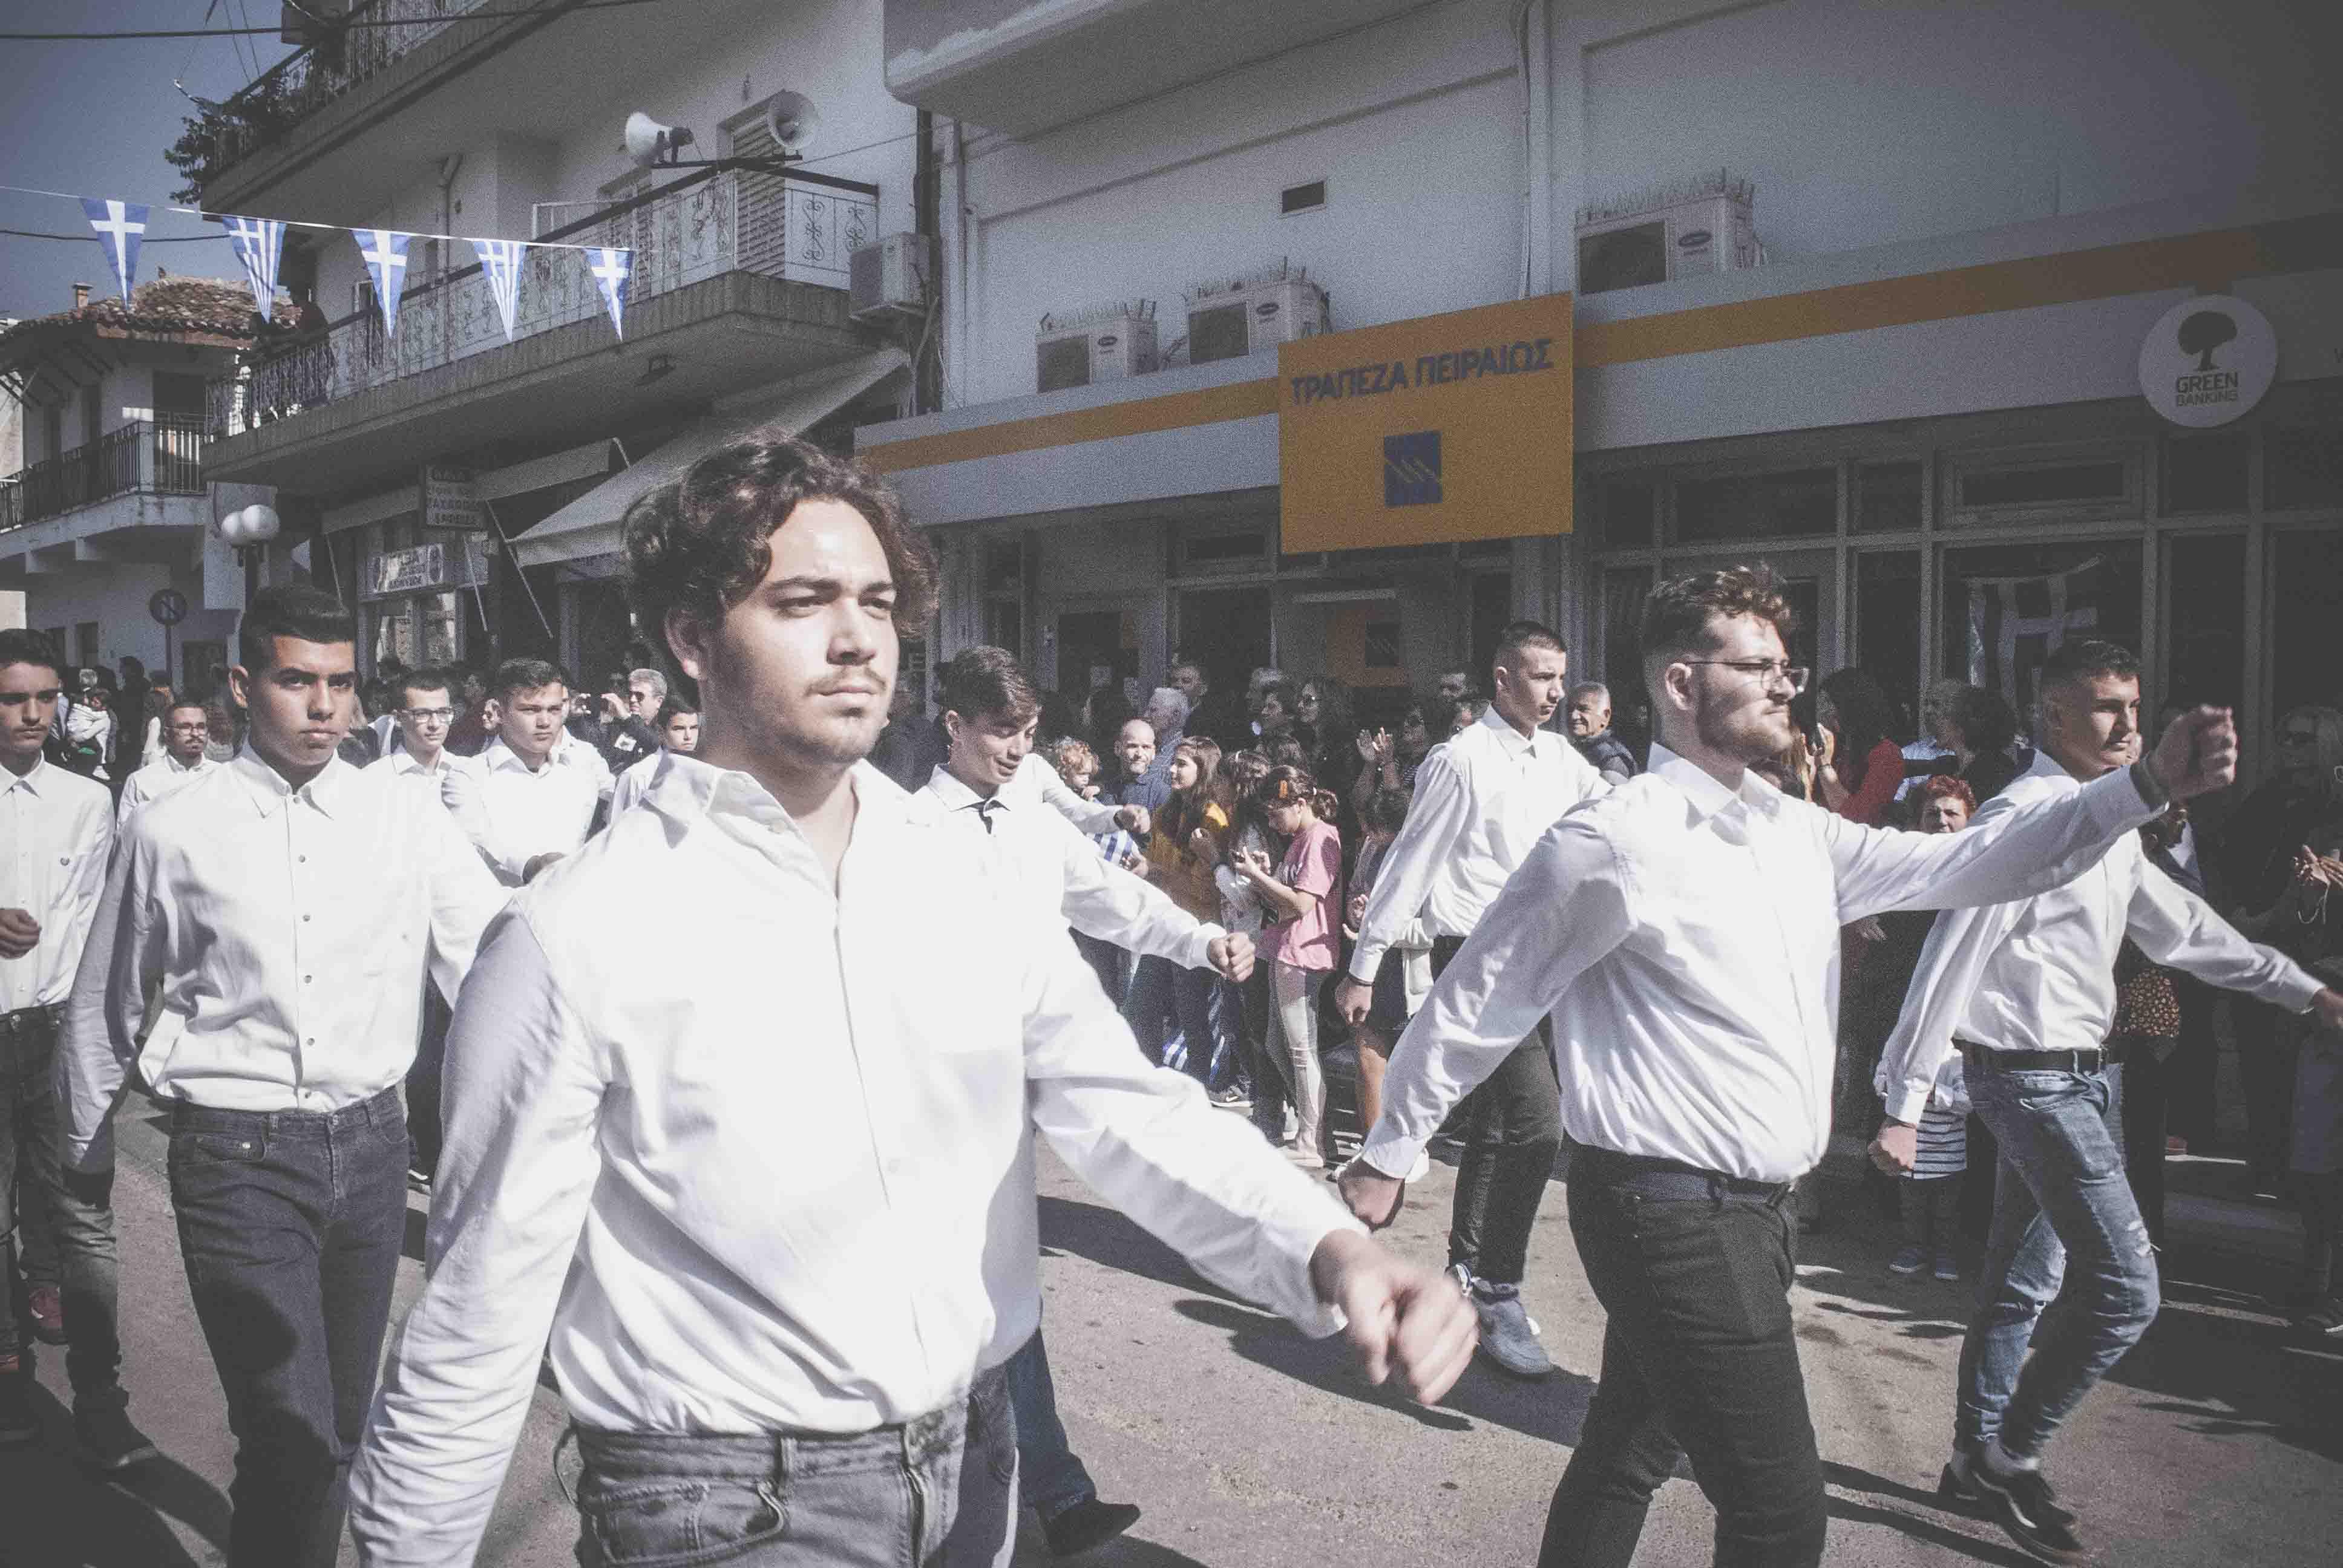 Φωτογραφικό υλικό από την παρέλαση στα Ψαχνά DSC 0435  Η παρέλαση της 28ης Οκτωβρίου σε Καστέλλα και Ψαχνά (φωτό) DSC 0435